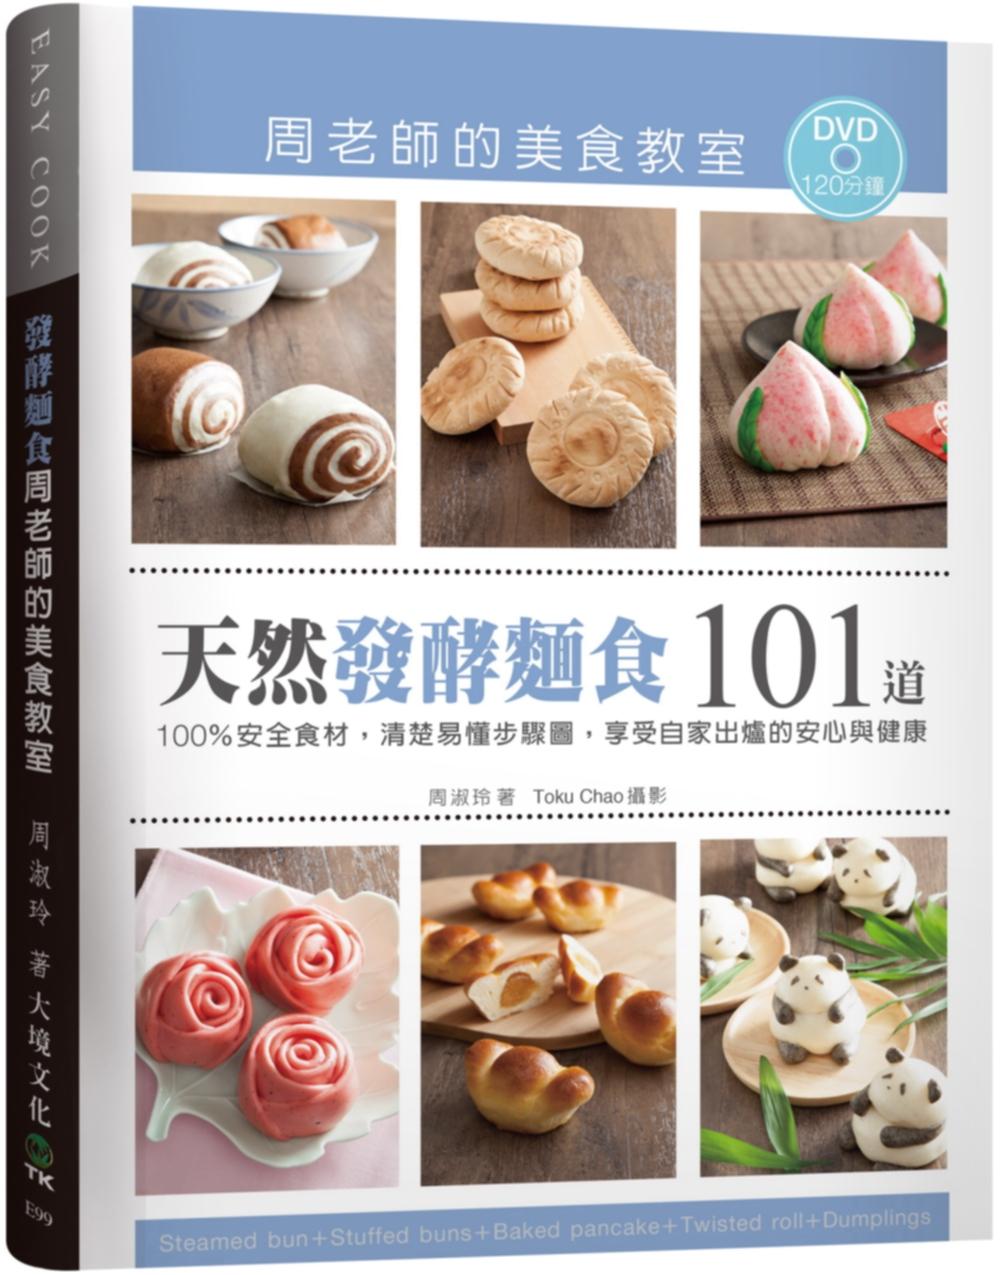 「天然發酵麵食101道」周老師的美食教室:100%安全食材,清楚易懂步驟圖,享受自家出爐的安心與健康(附120分鐘DVD)